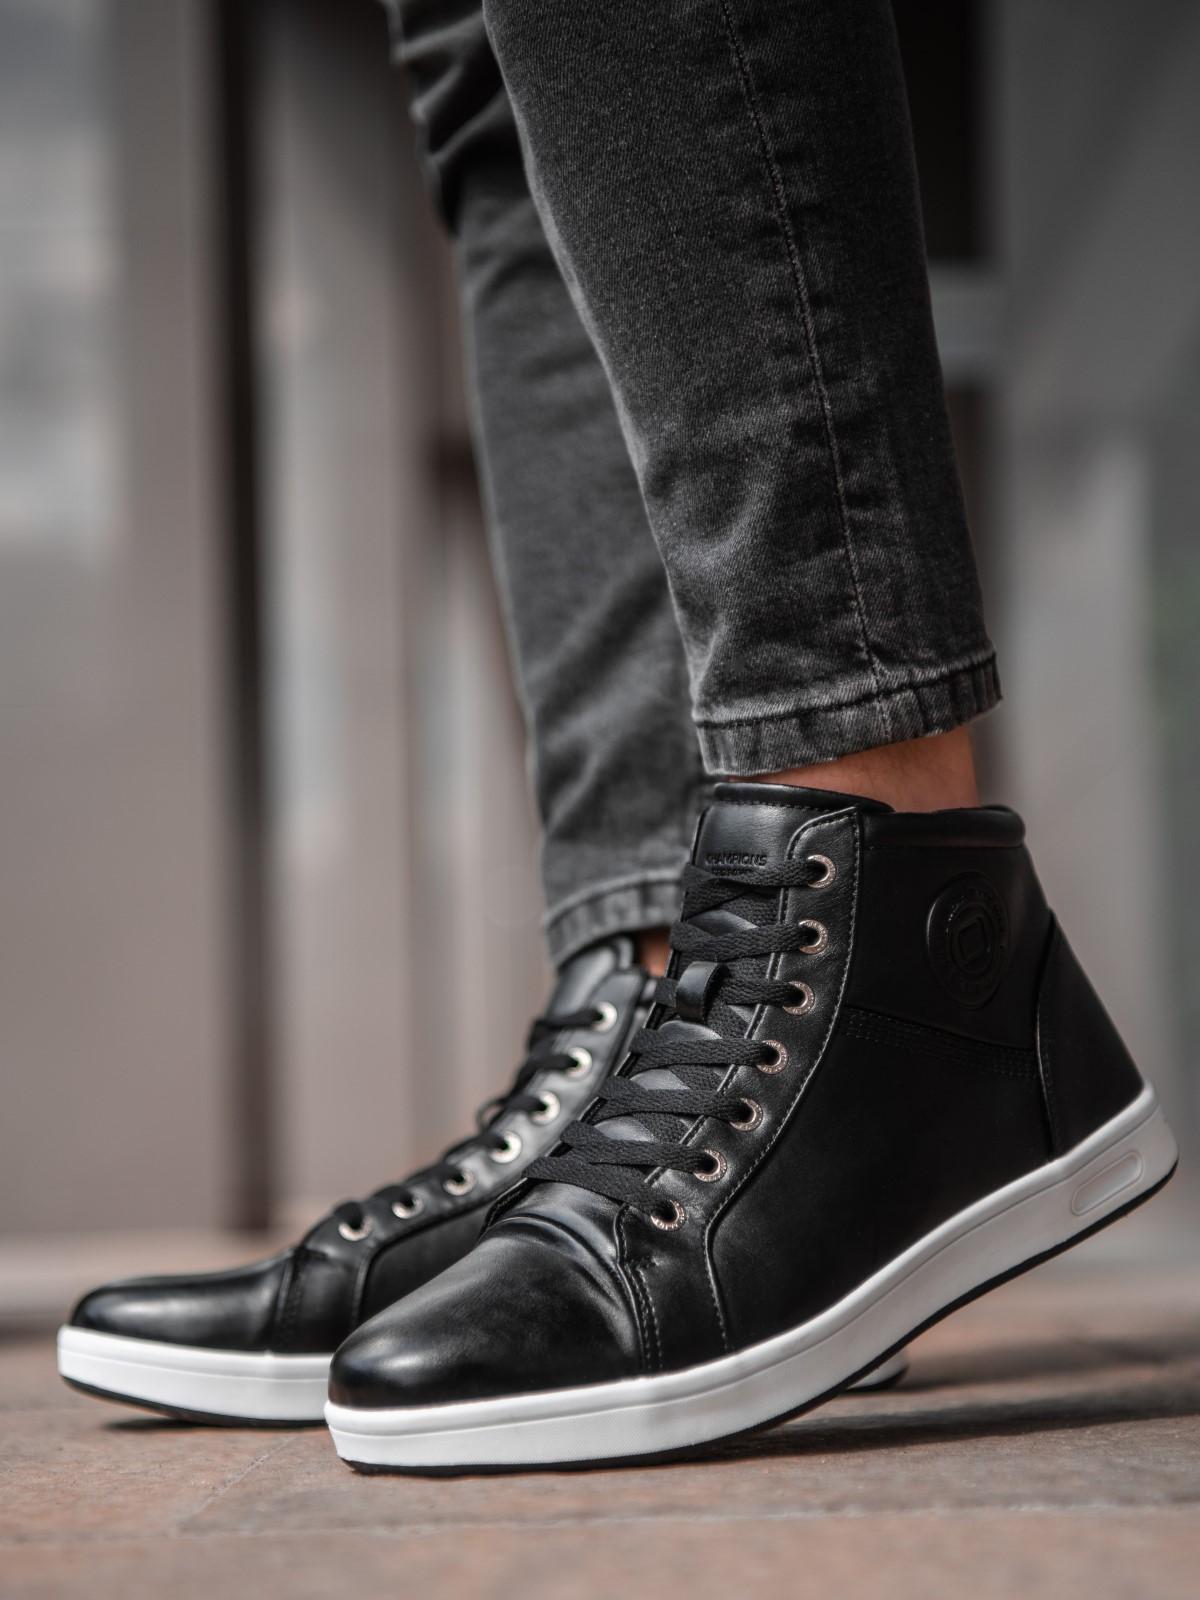 Men's ankle shoes T328 - black   MODONE